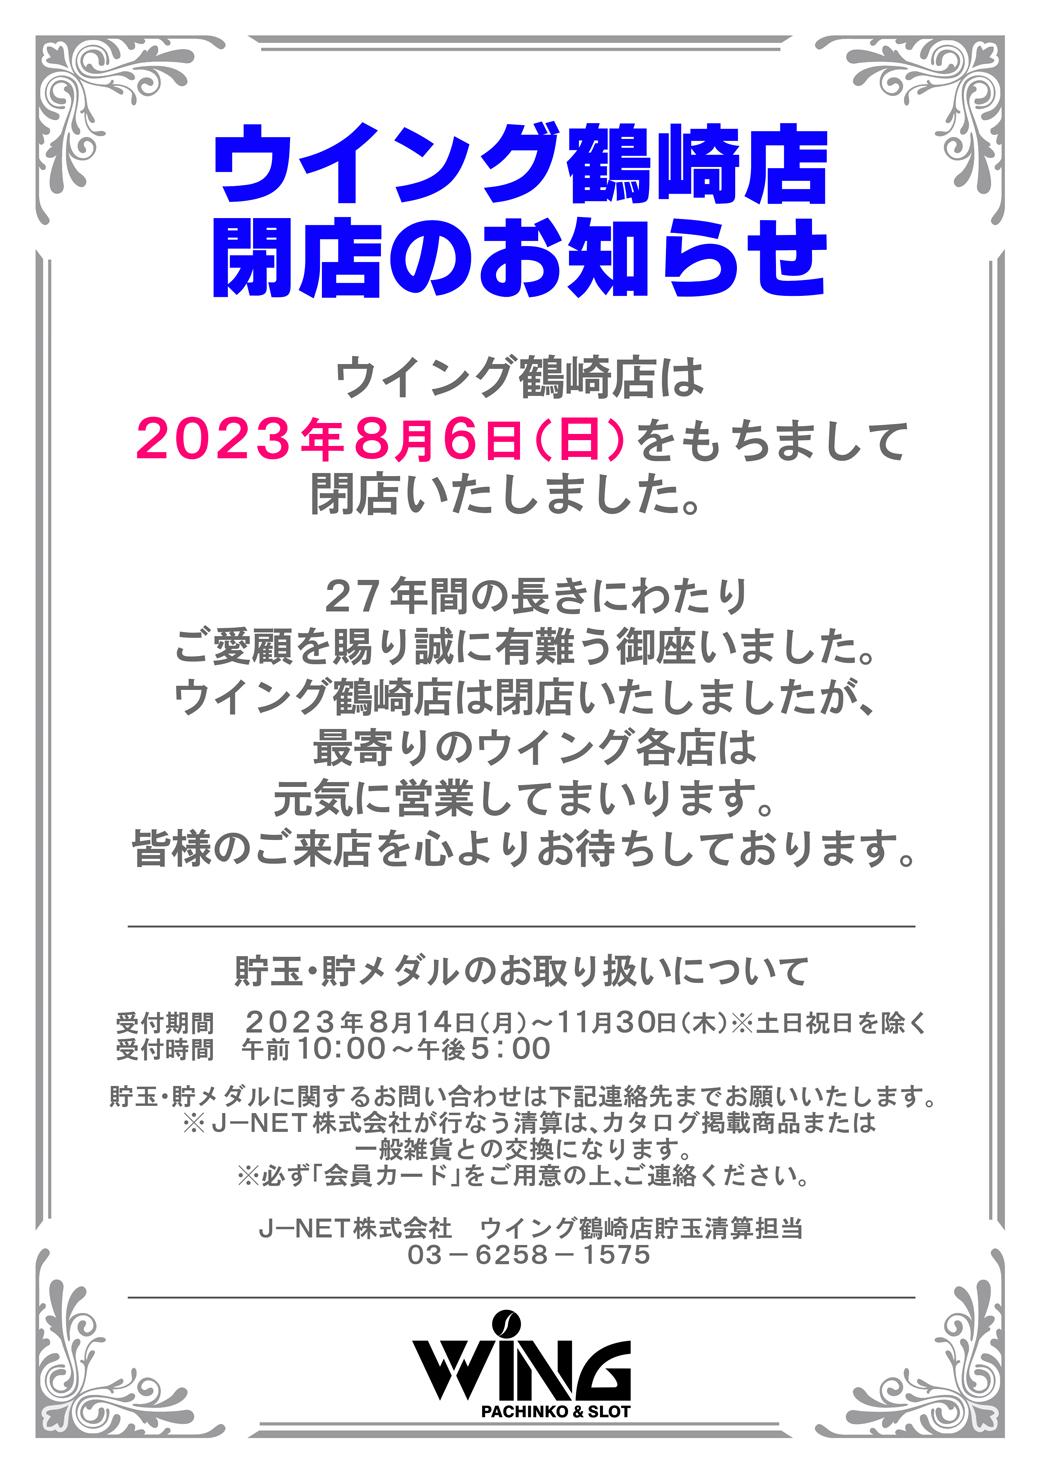 5/11(火)新台入替10時開店!!※予定 新台一挙9機種16台導入!!